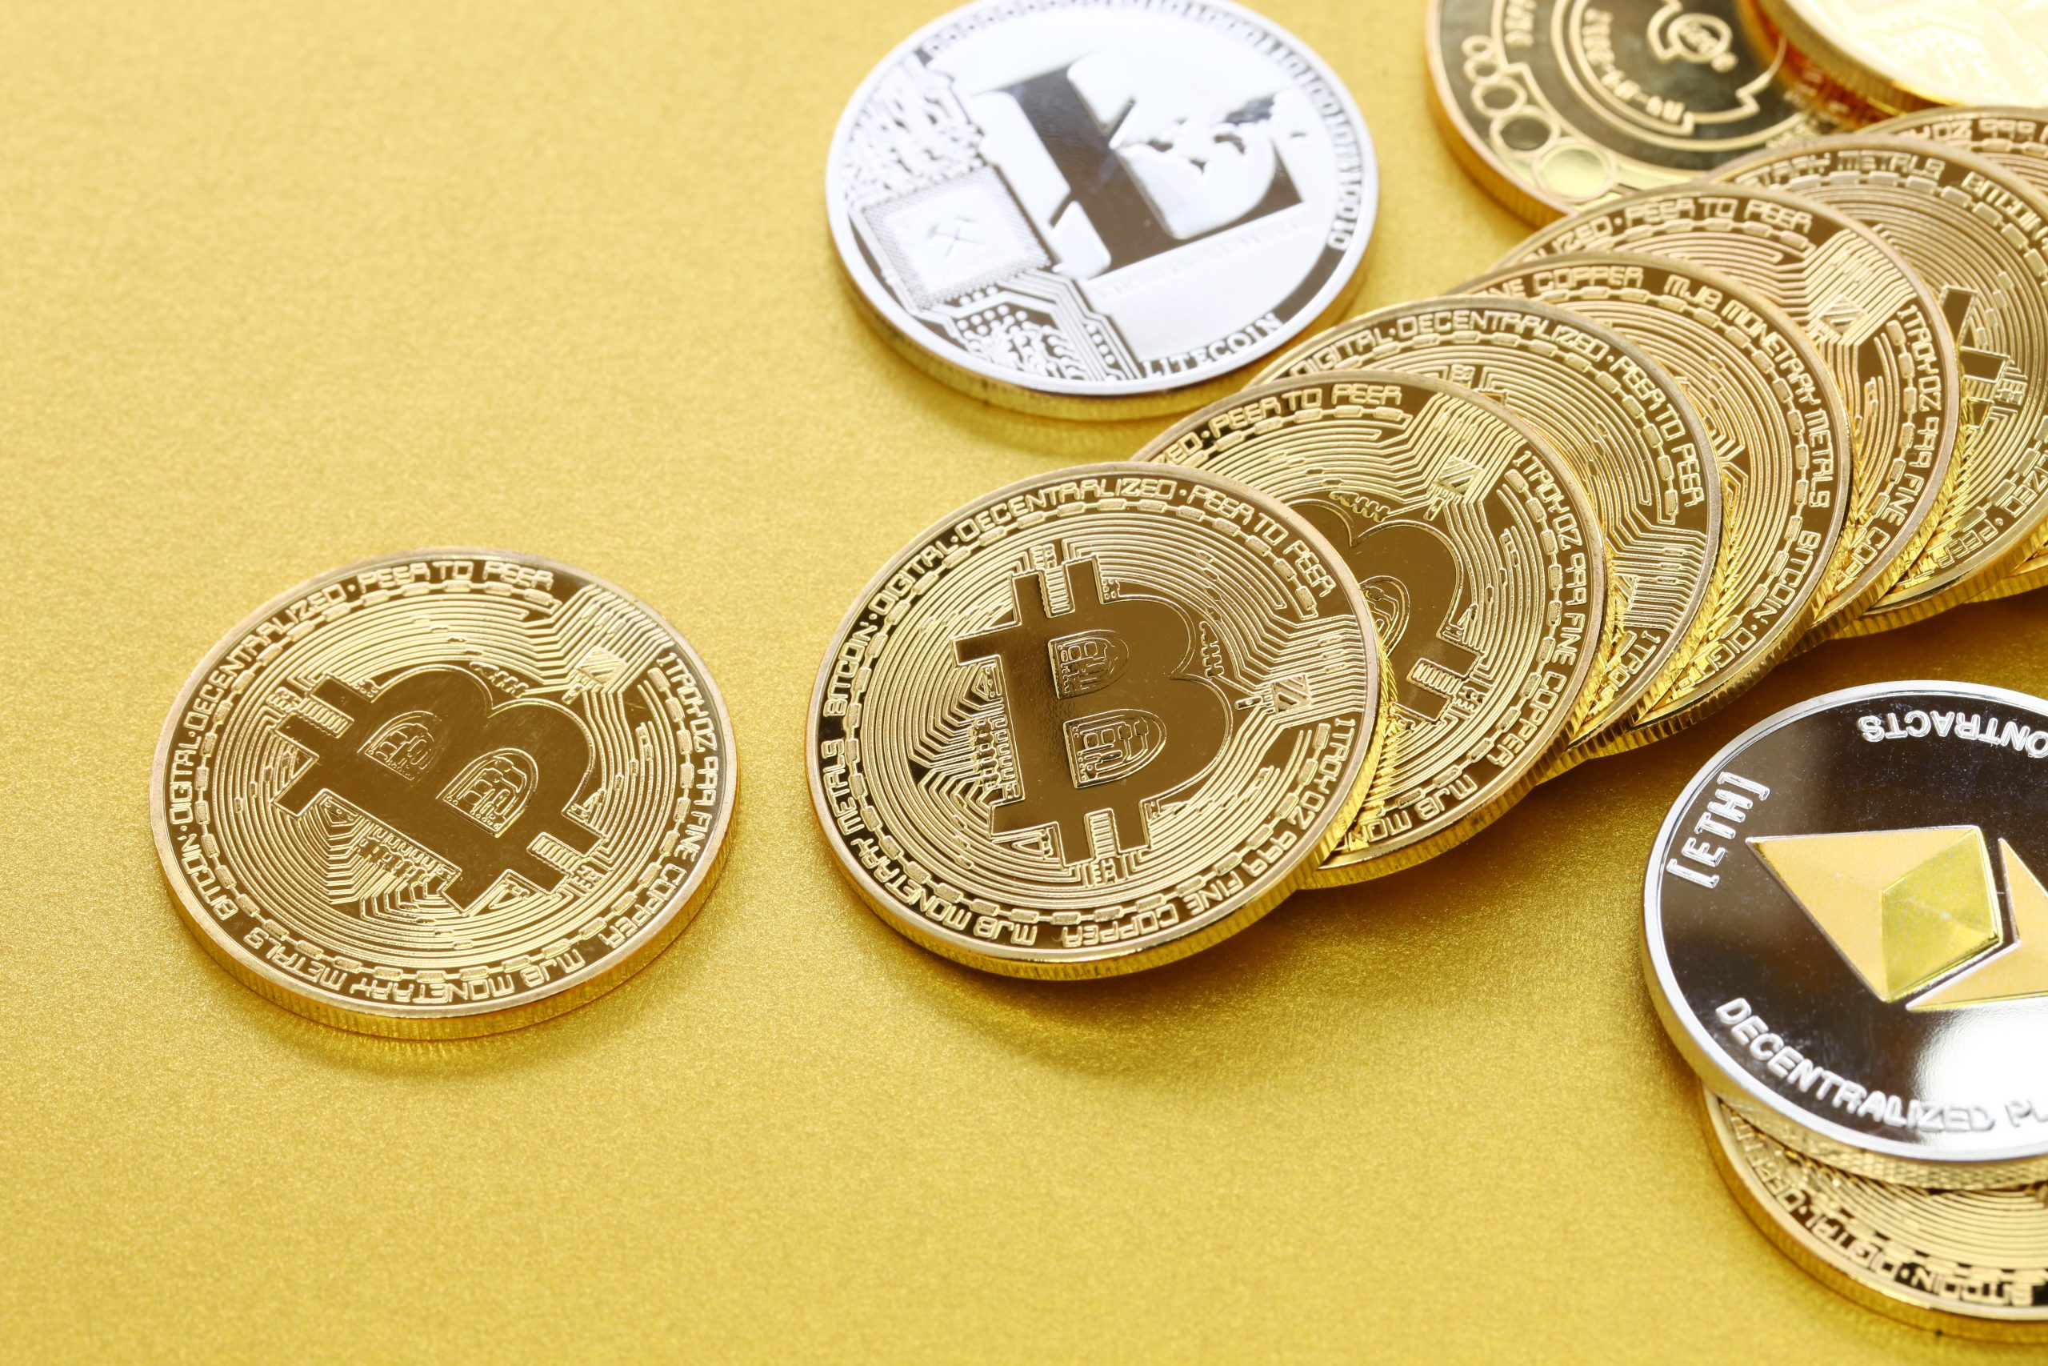 cryptocurrency pensioen beleggen vergelijken